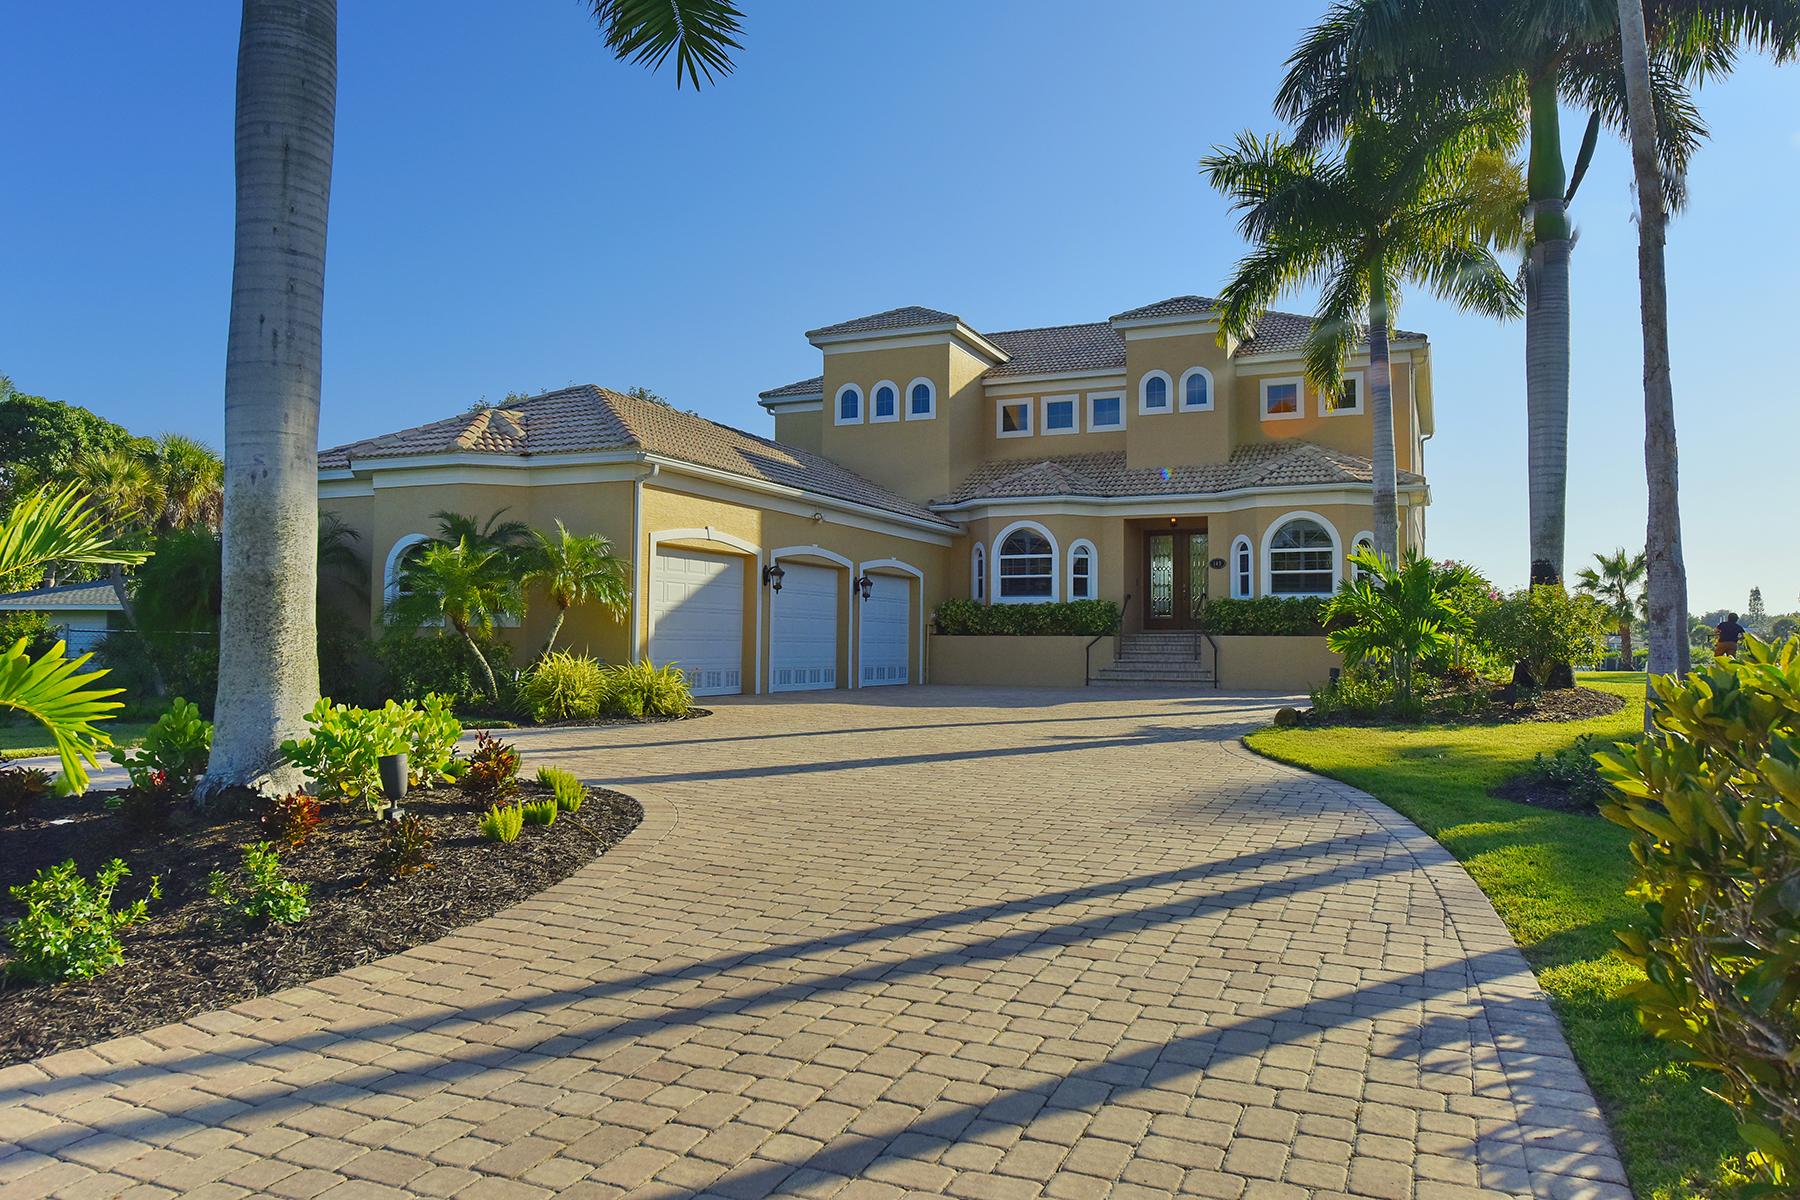 一戸建て のために 売買 アット TOWNS-END SHORES 145 Shoreland Dr Osprey, フロリダ, 34229 アメリカ合衆国